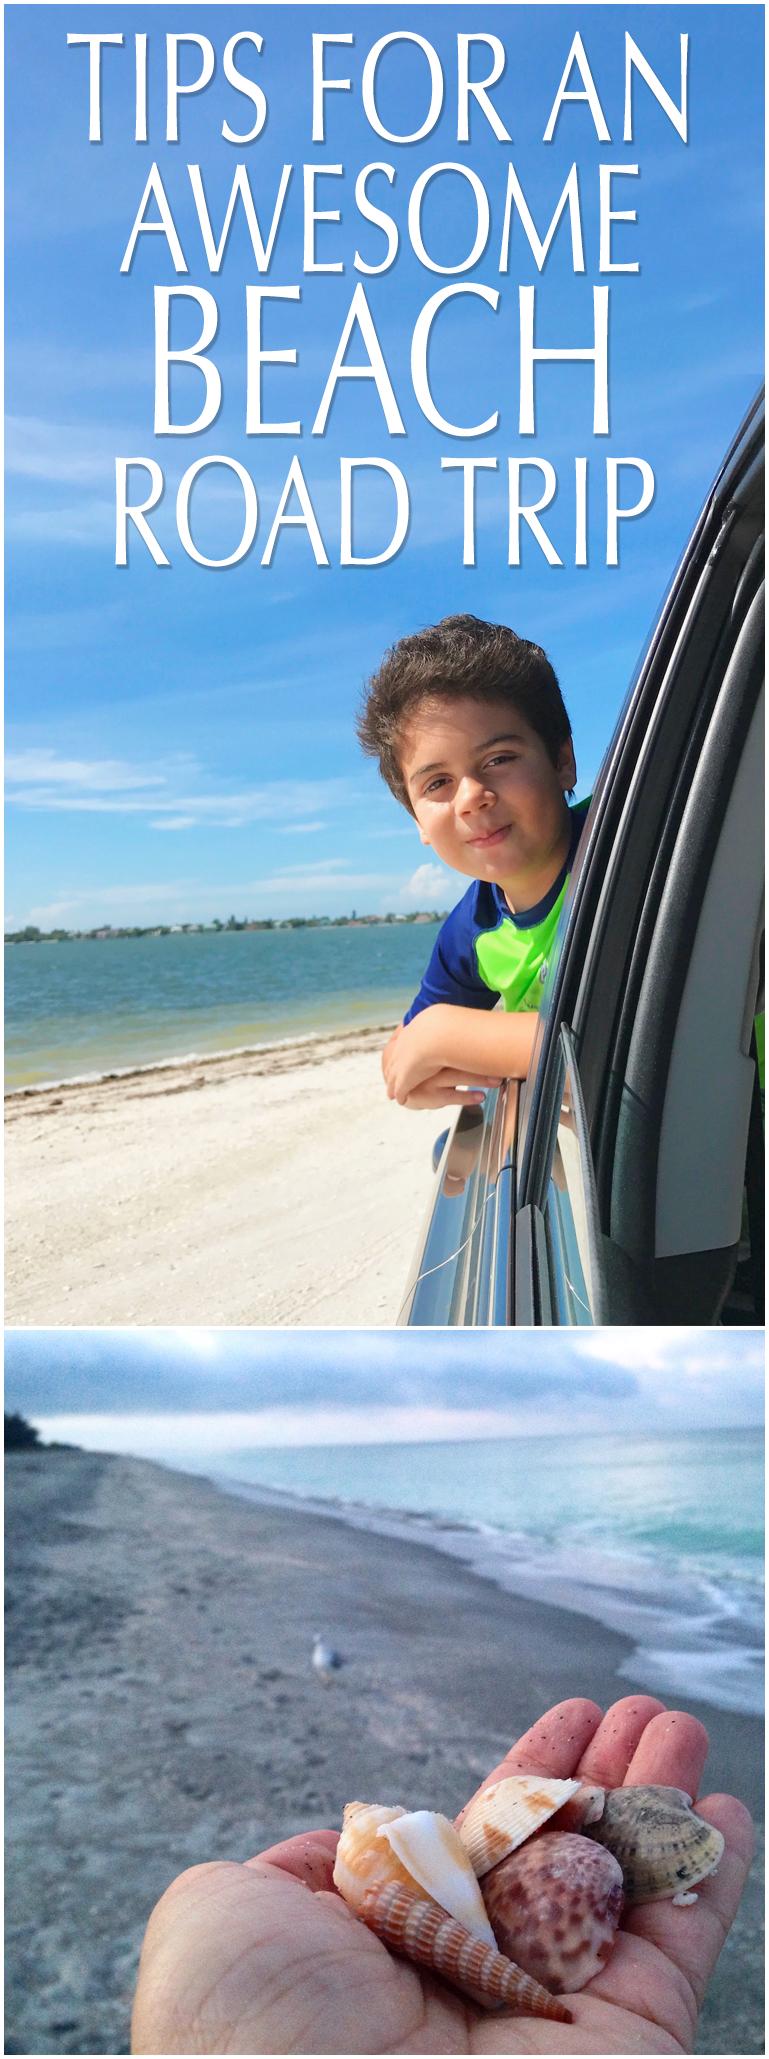 beach road trip tips